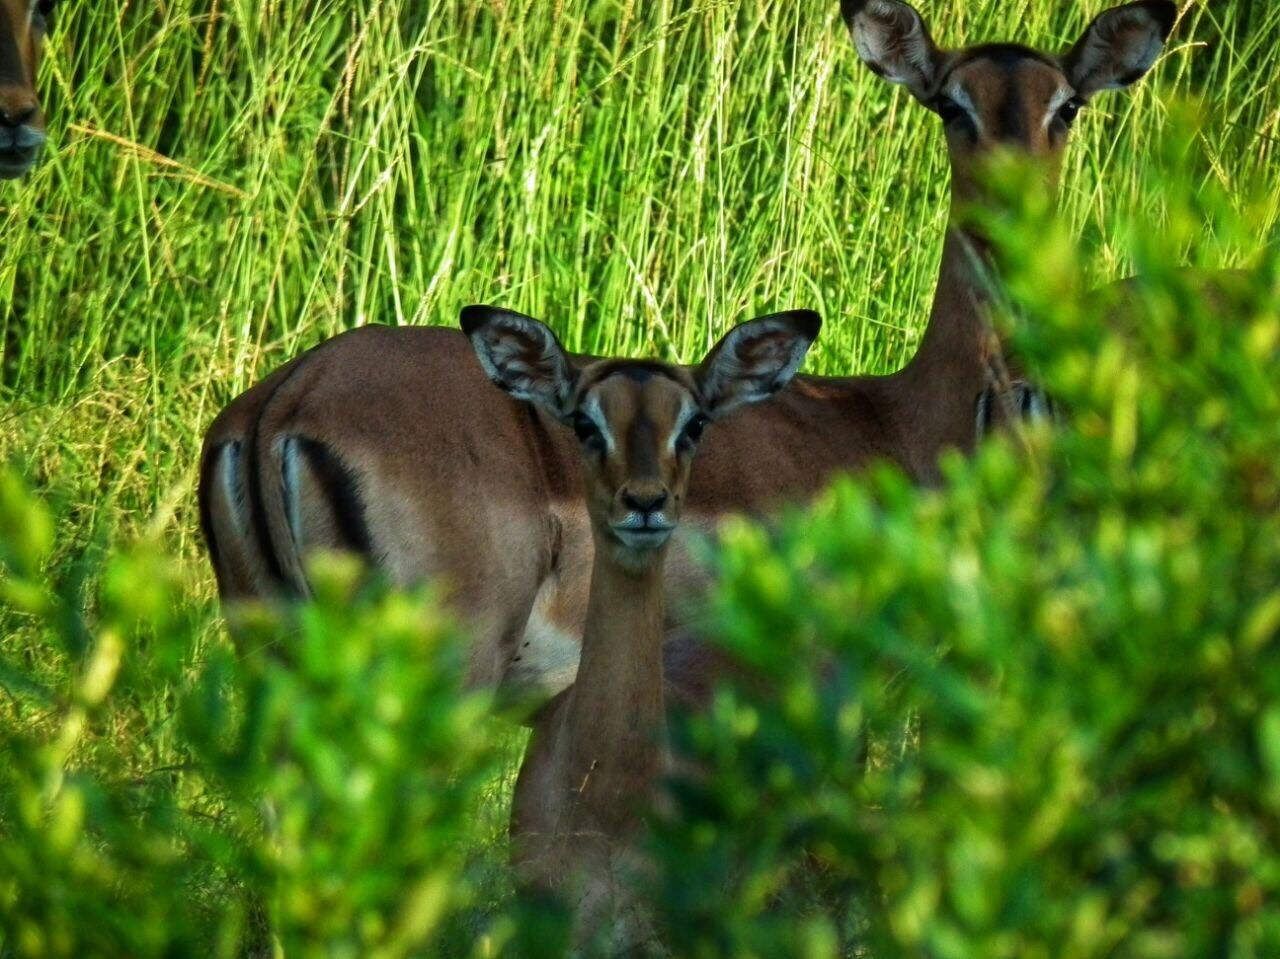 Impala Ewe and young